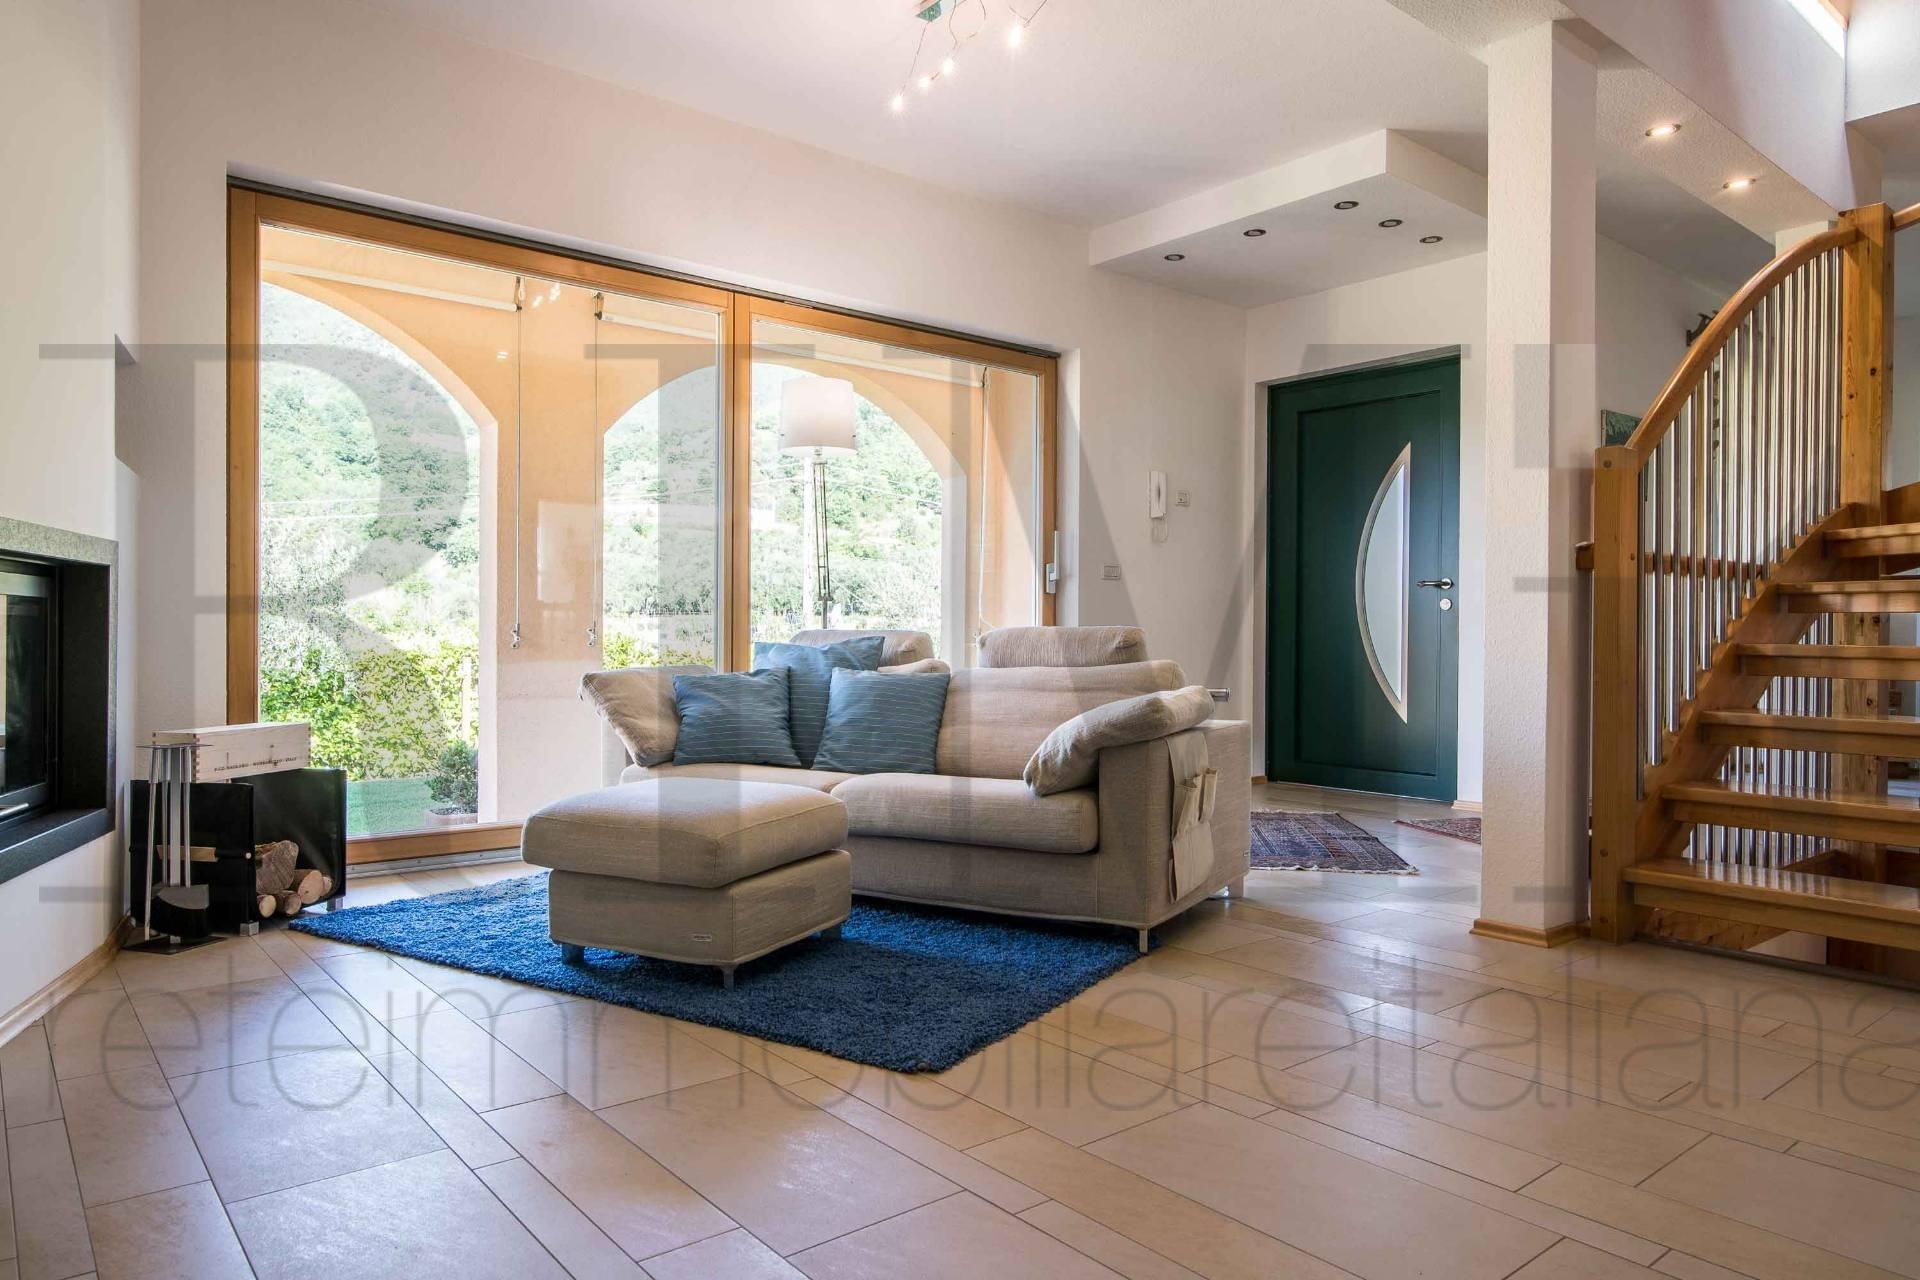 Villa in vendita a Loano, 6 locali, zona Zona: Verzi, prezzo € 575.000 | CambioCasa.it